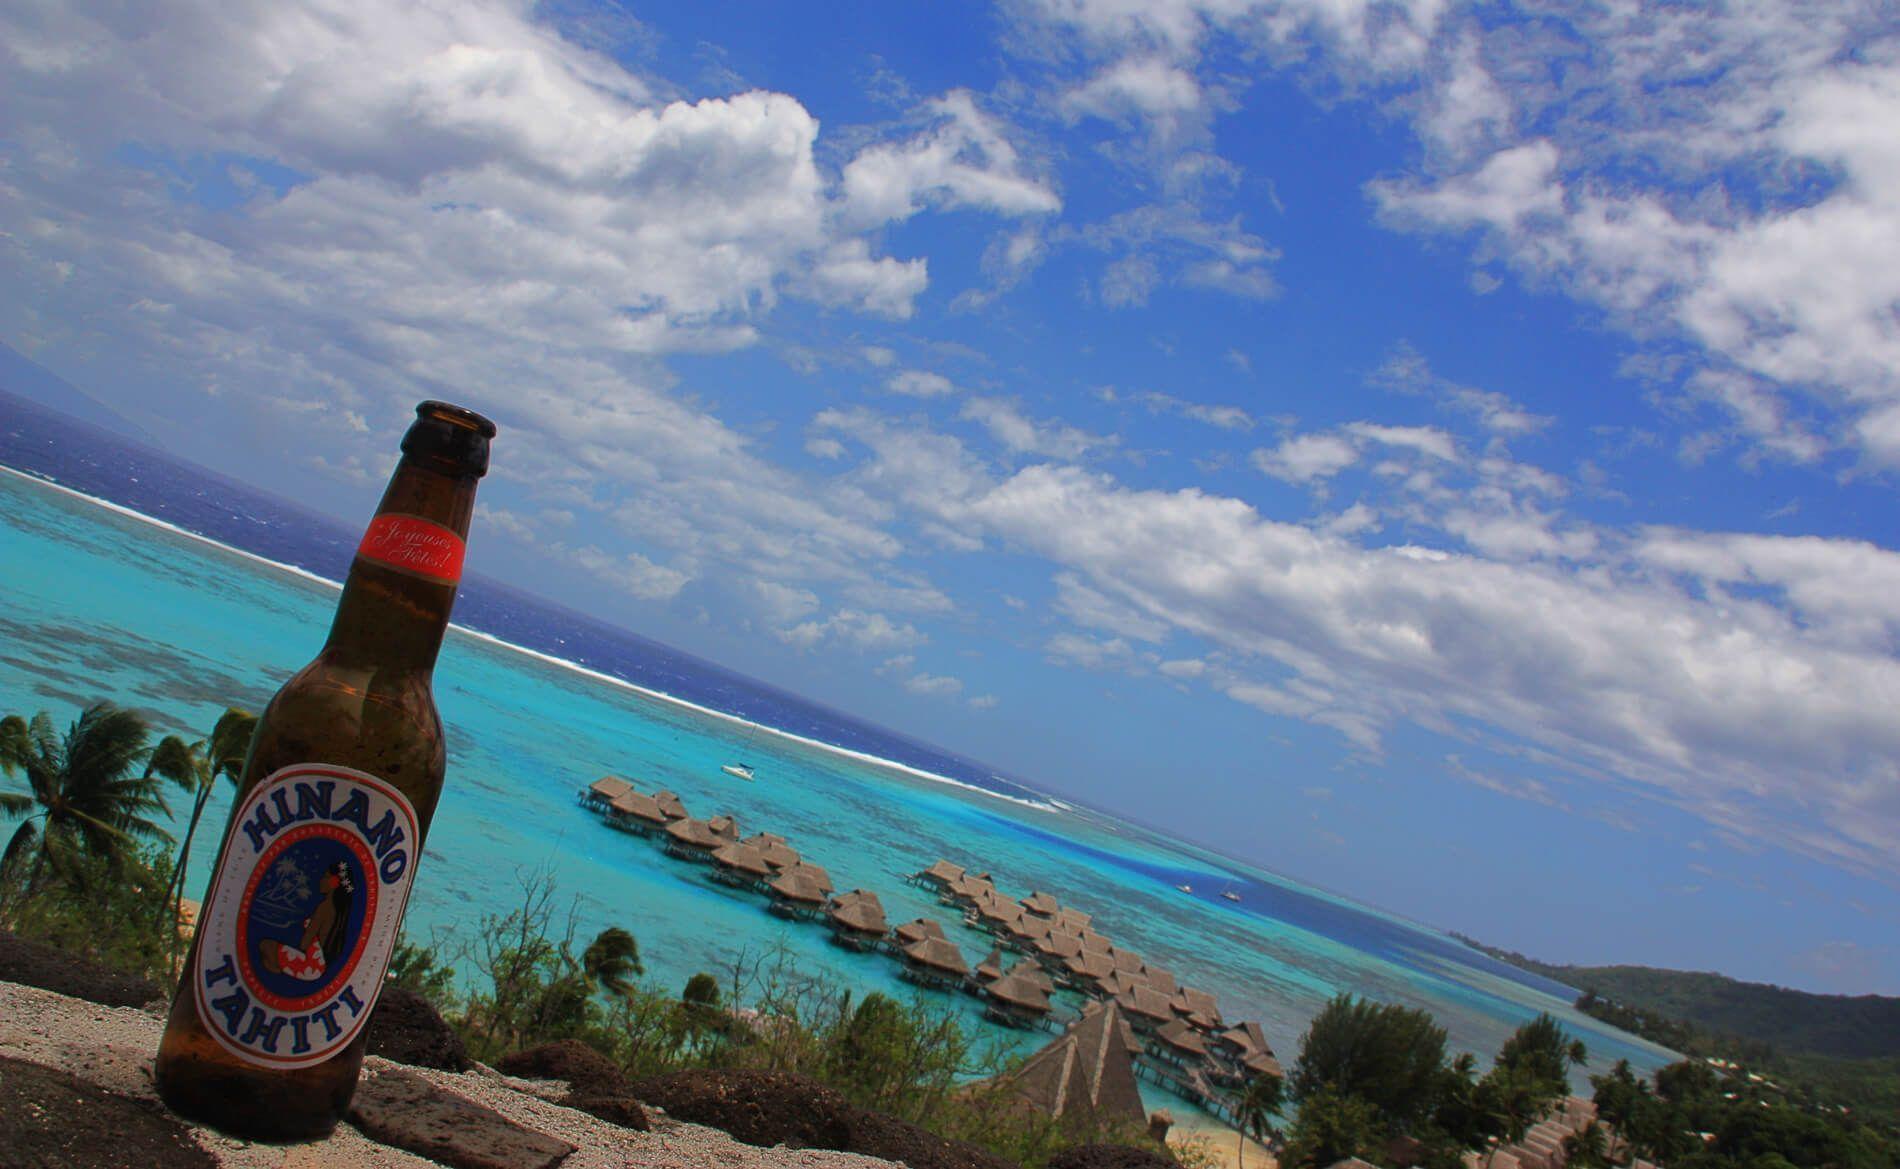 La laguna de la isla de Moorea en Polinesia Francesa